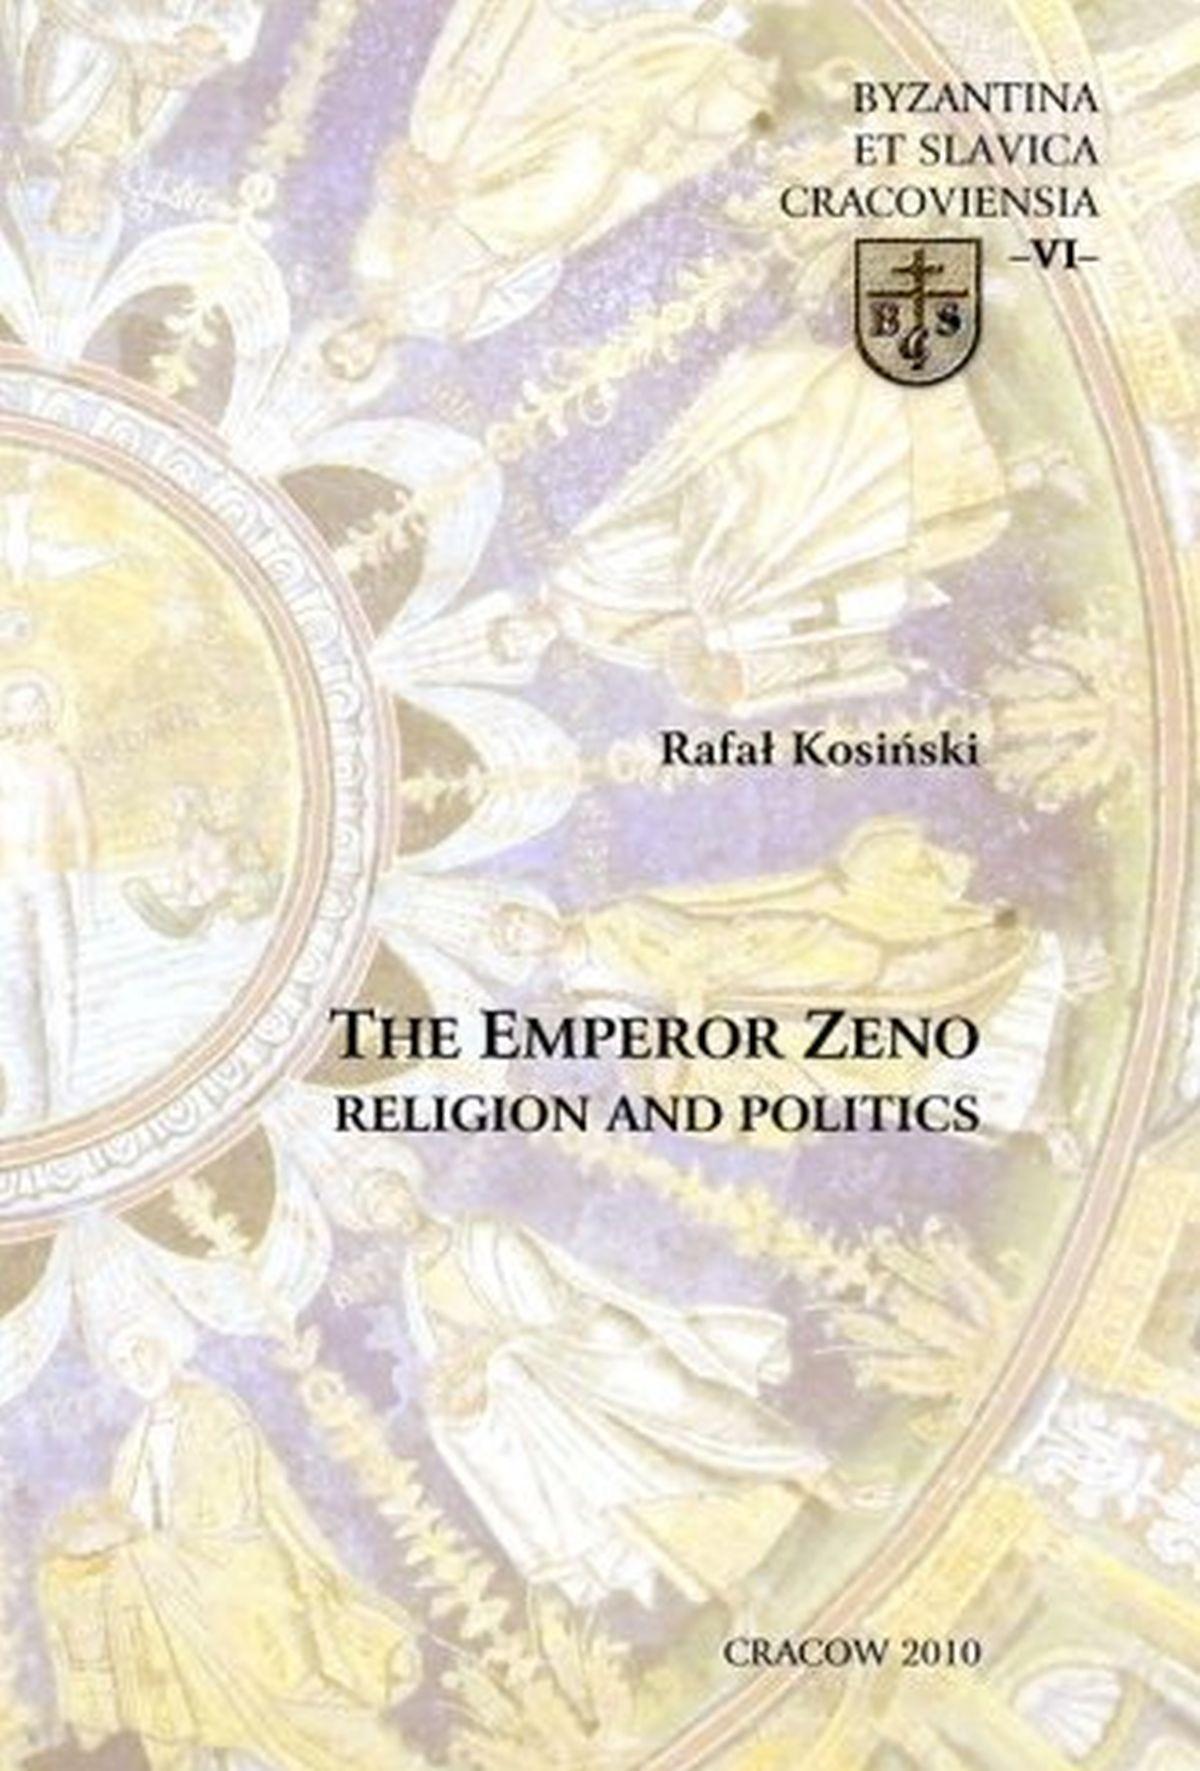 The Emperor Zeno Religion and Politics